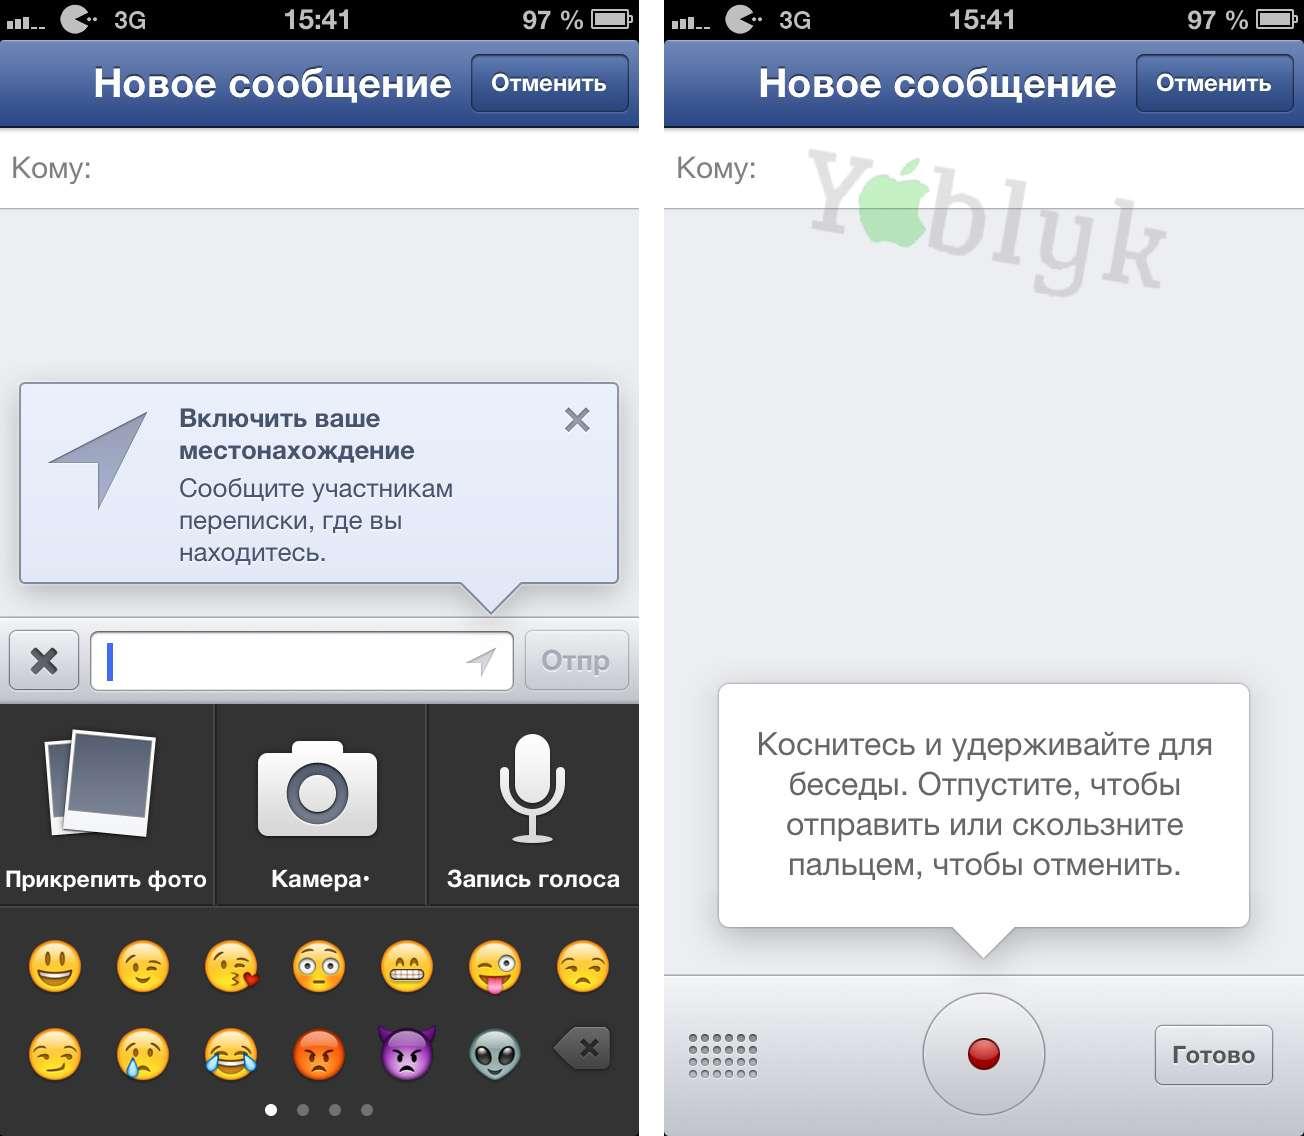 Вышло обновление чата для Facebook с голосовыми сообщениями